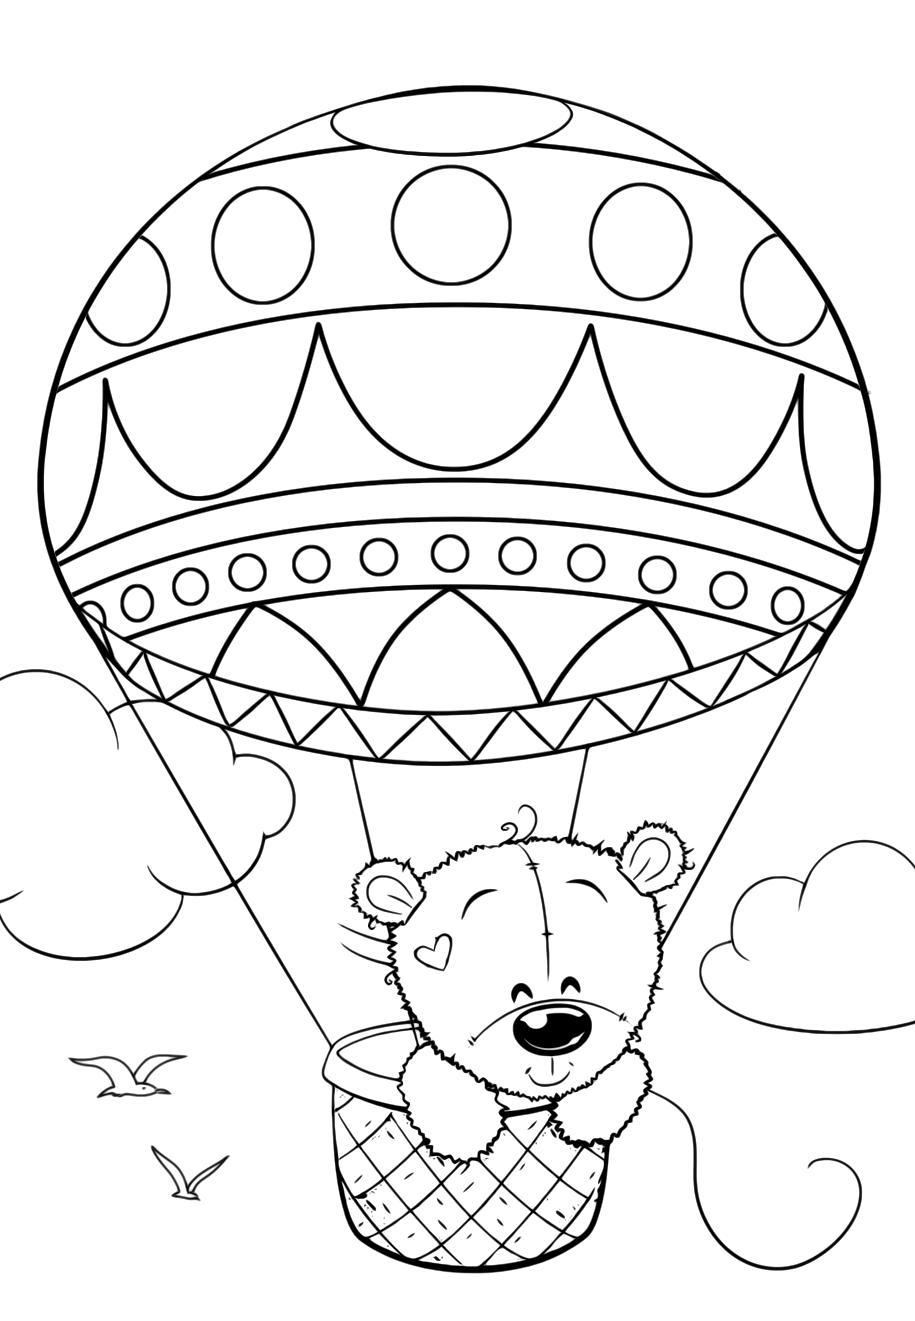 Teddy bear in a balloon